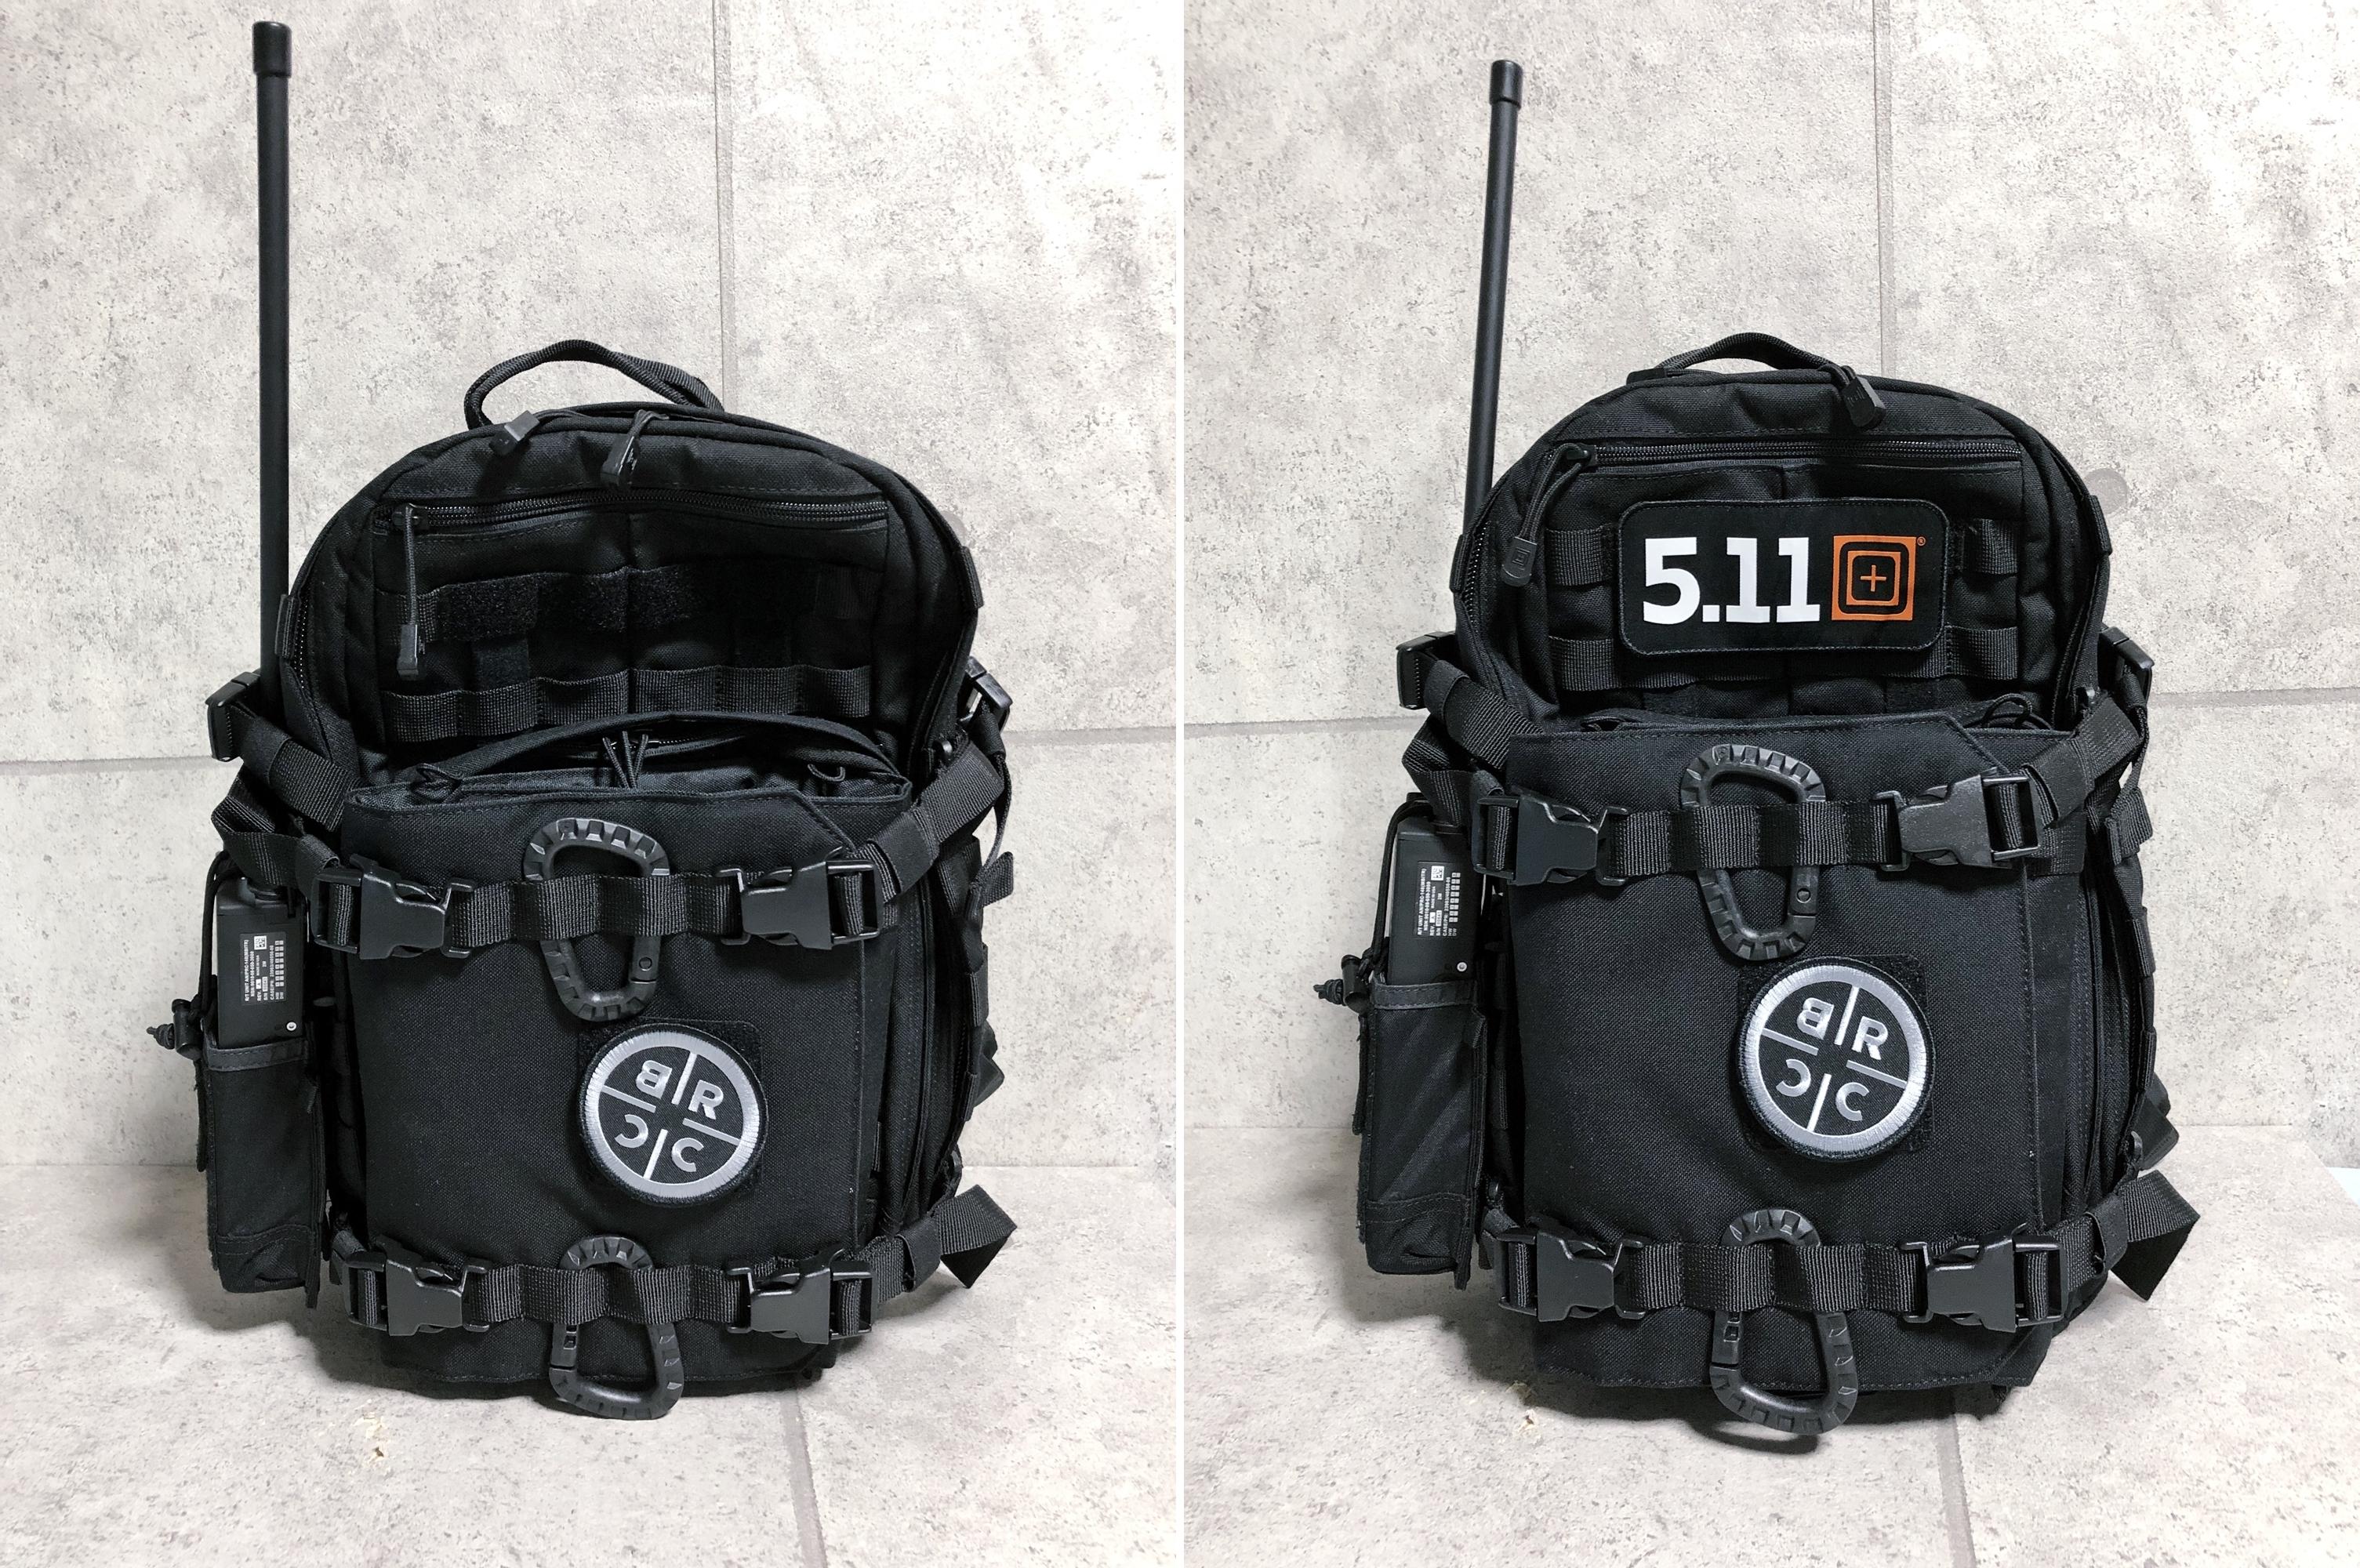 26 実物 511 Tactical RUSH 12 BACKPACK CUSTOM!! ライフルケース・ストラップシステム・ポーチ・ワッペン・ITW TAC LINKなど!! ファイブイレブン タクティカル ラッシュ バックパック カスタム!! 購入 取付 レビュ